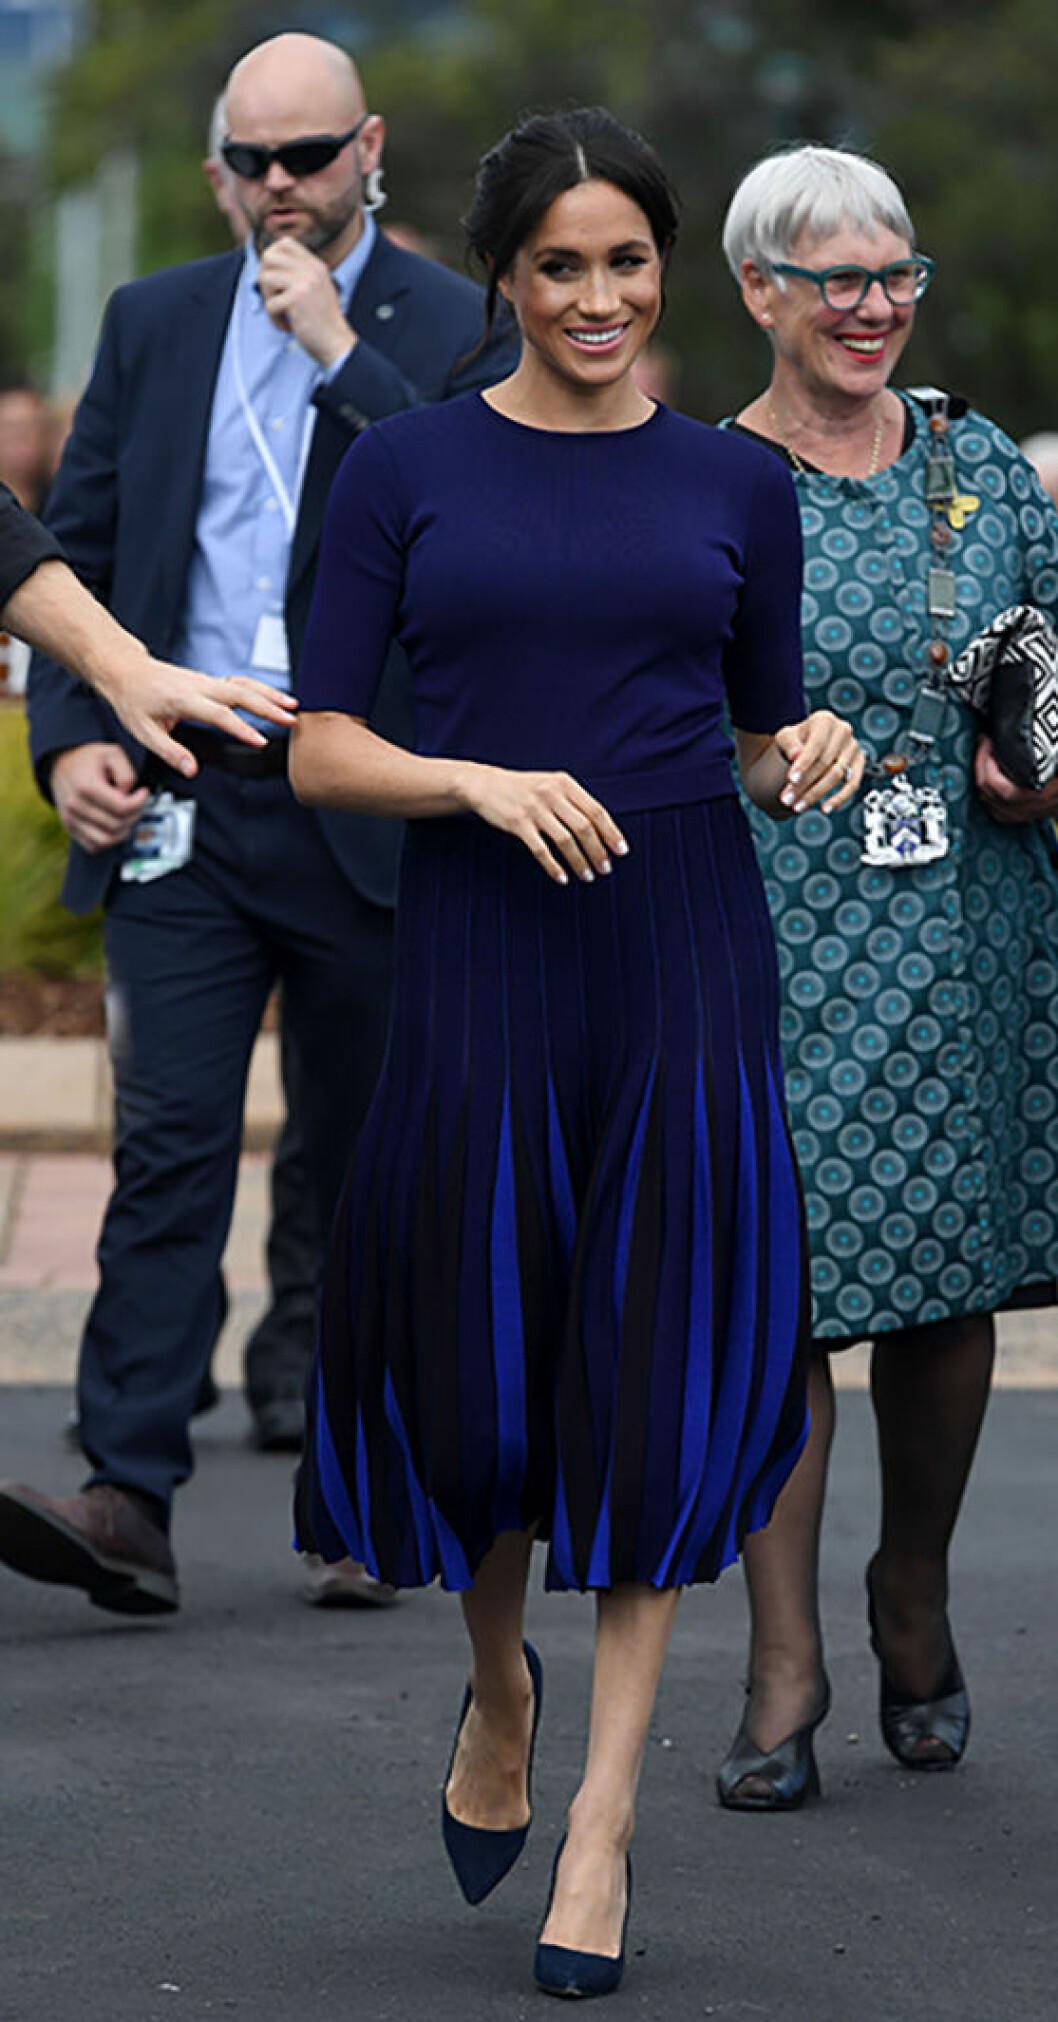 En bild på den brittiska hertiginnan Meghan Markle i mörblå blus och kjol under sin första kungliga utrikesresa.